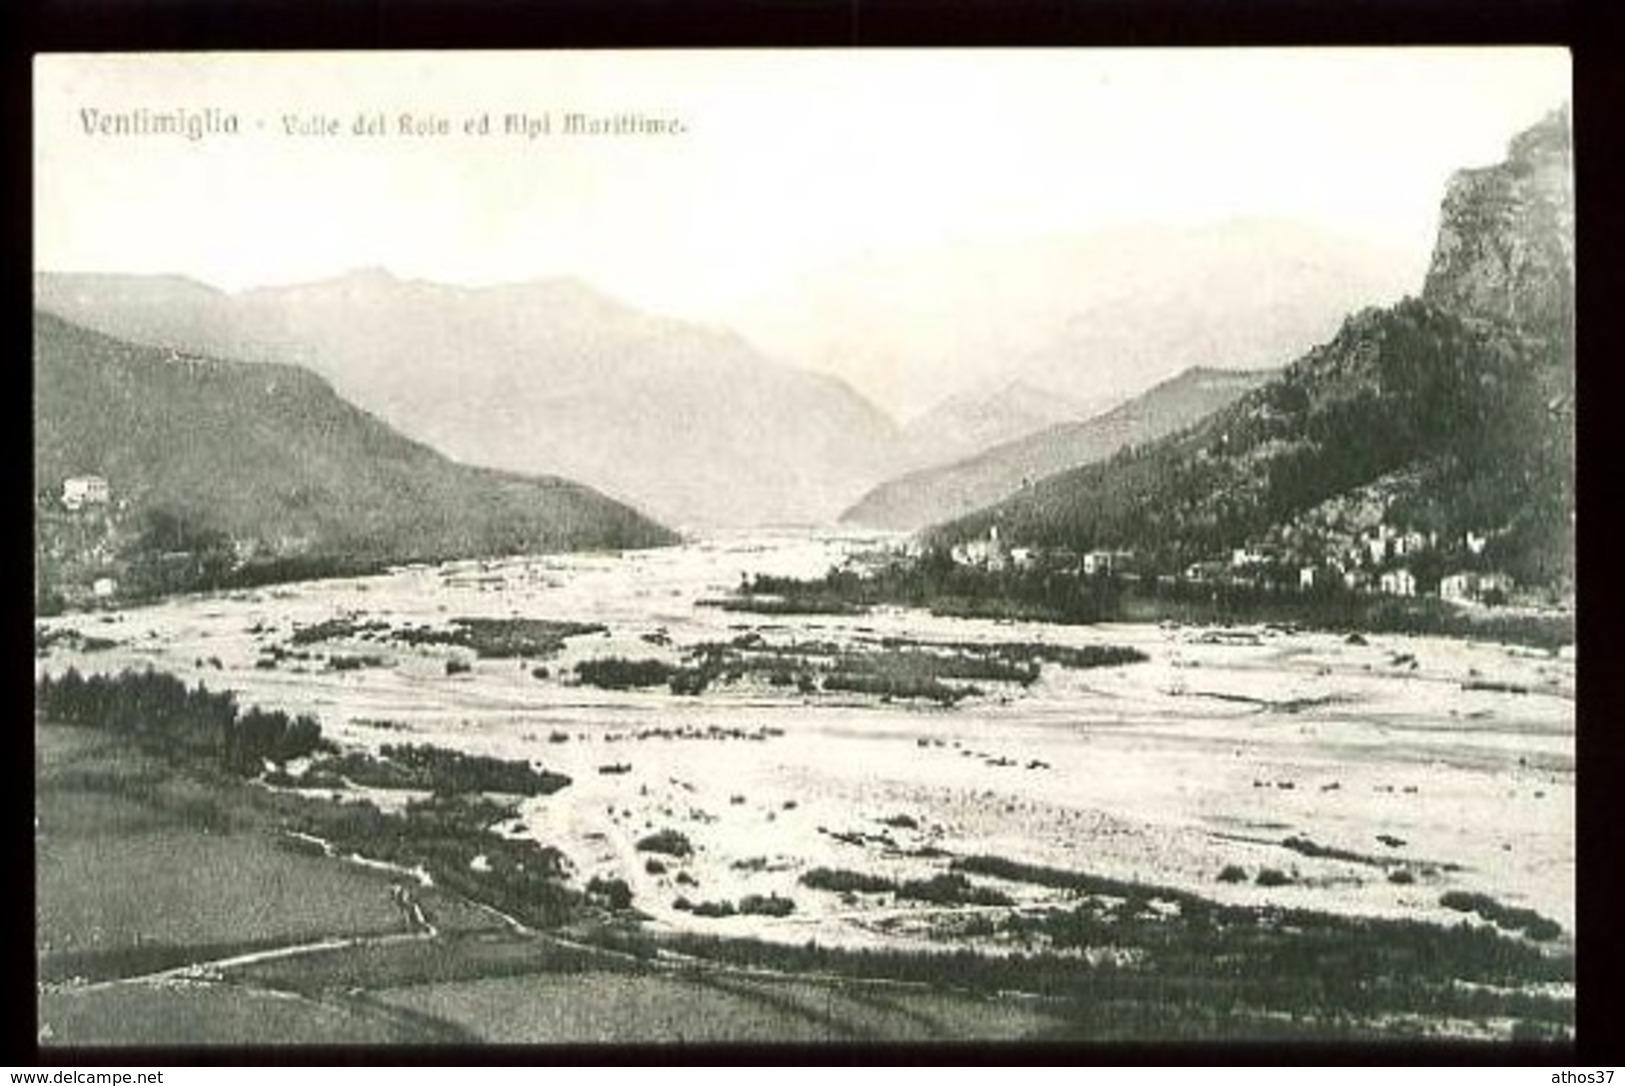 VENTIMIGLIA - Valle Del Roia Ed Alpi Marittime - (Beau Plan) - Imperia